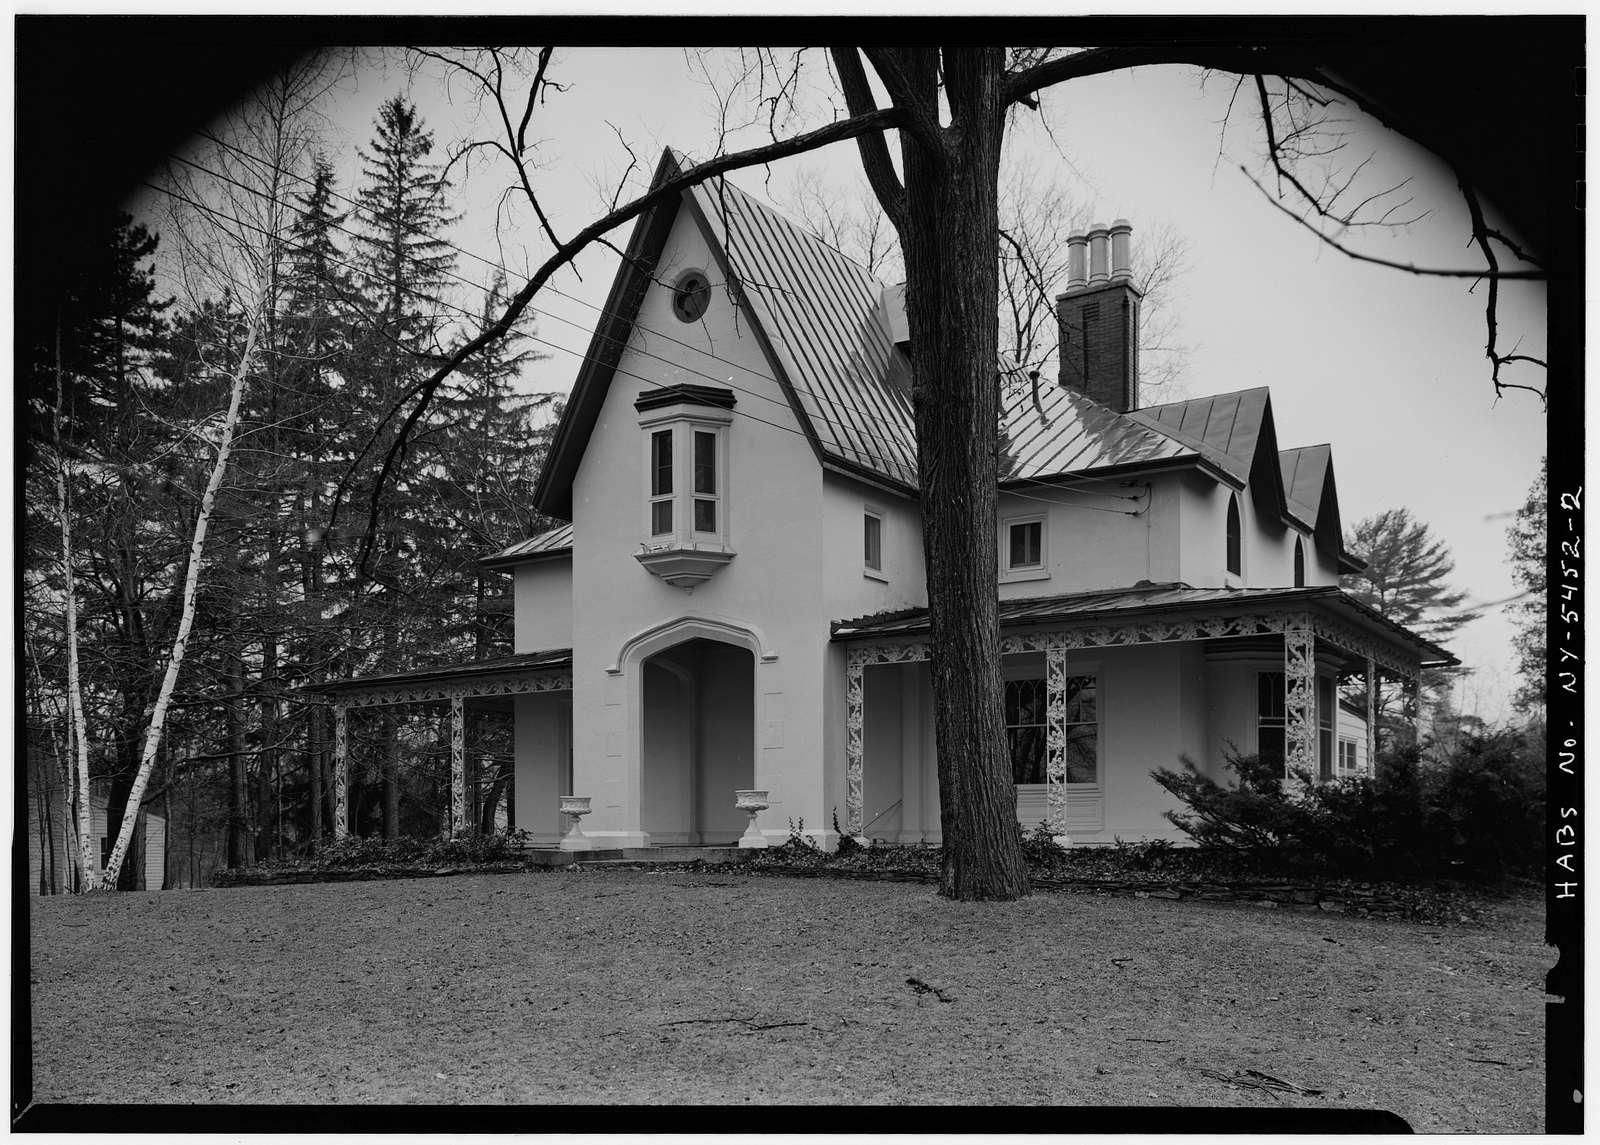 Reuel Smith House, West Lake Road, Skaneateles, Onondaga County, NY